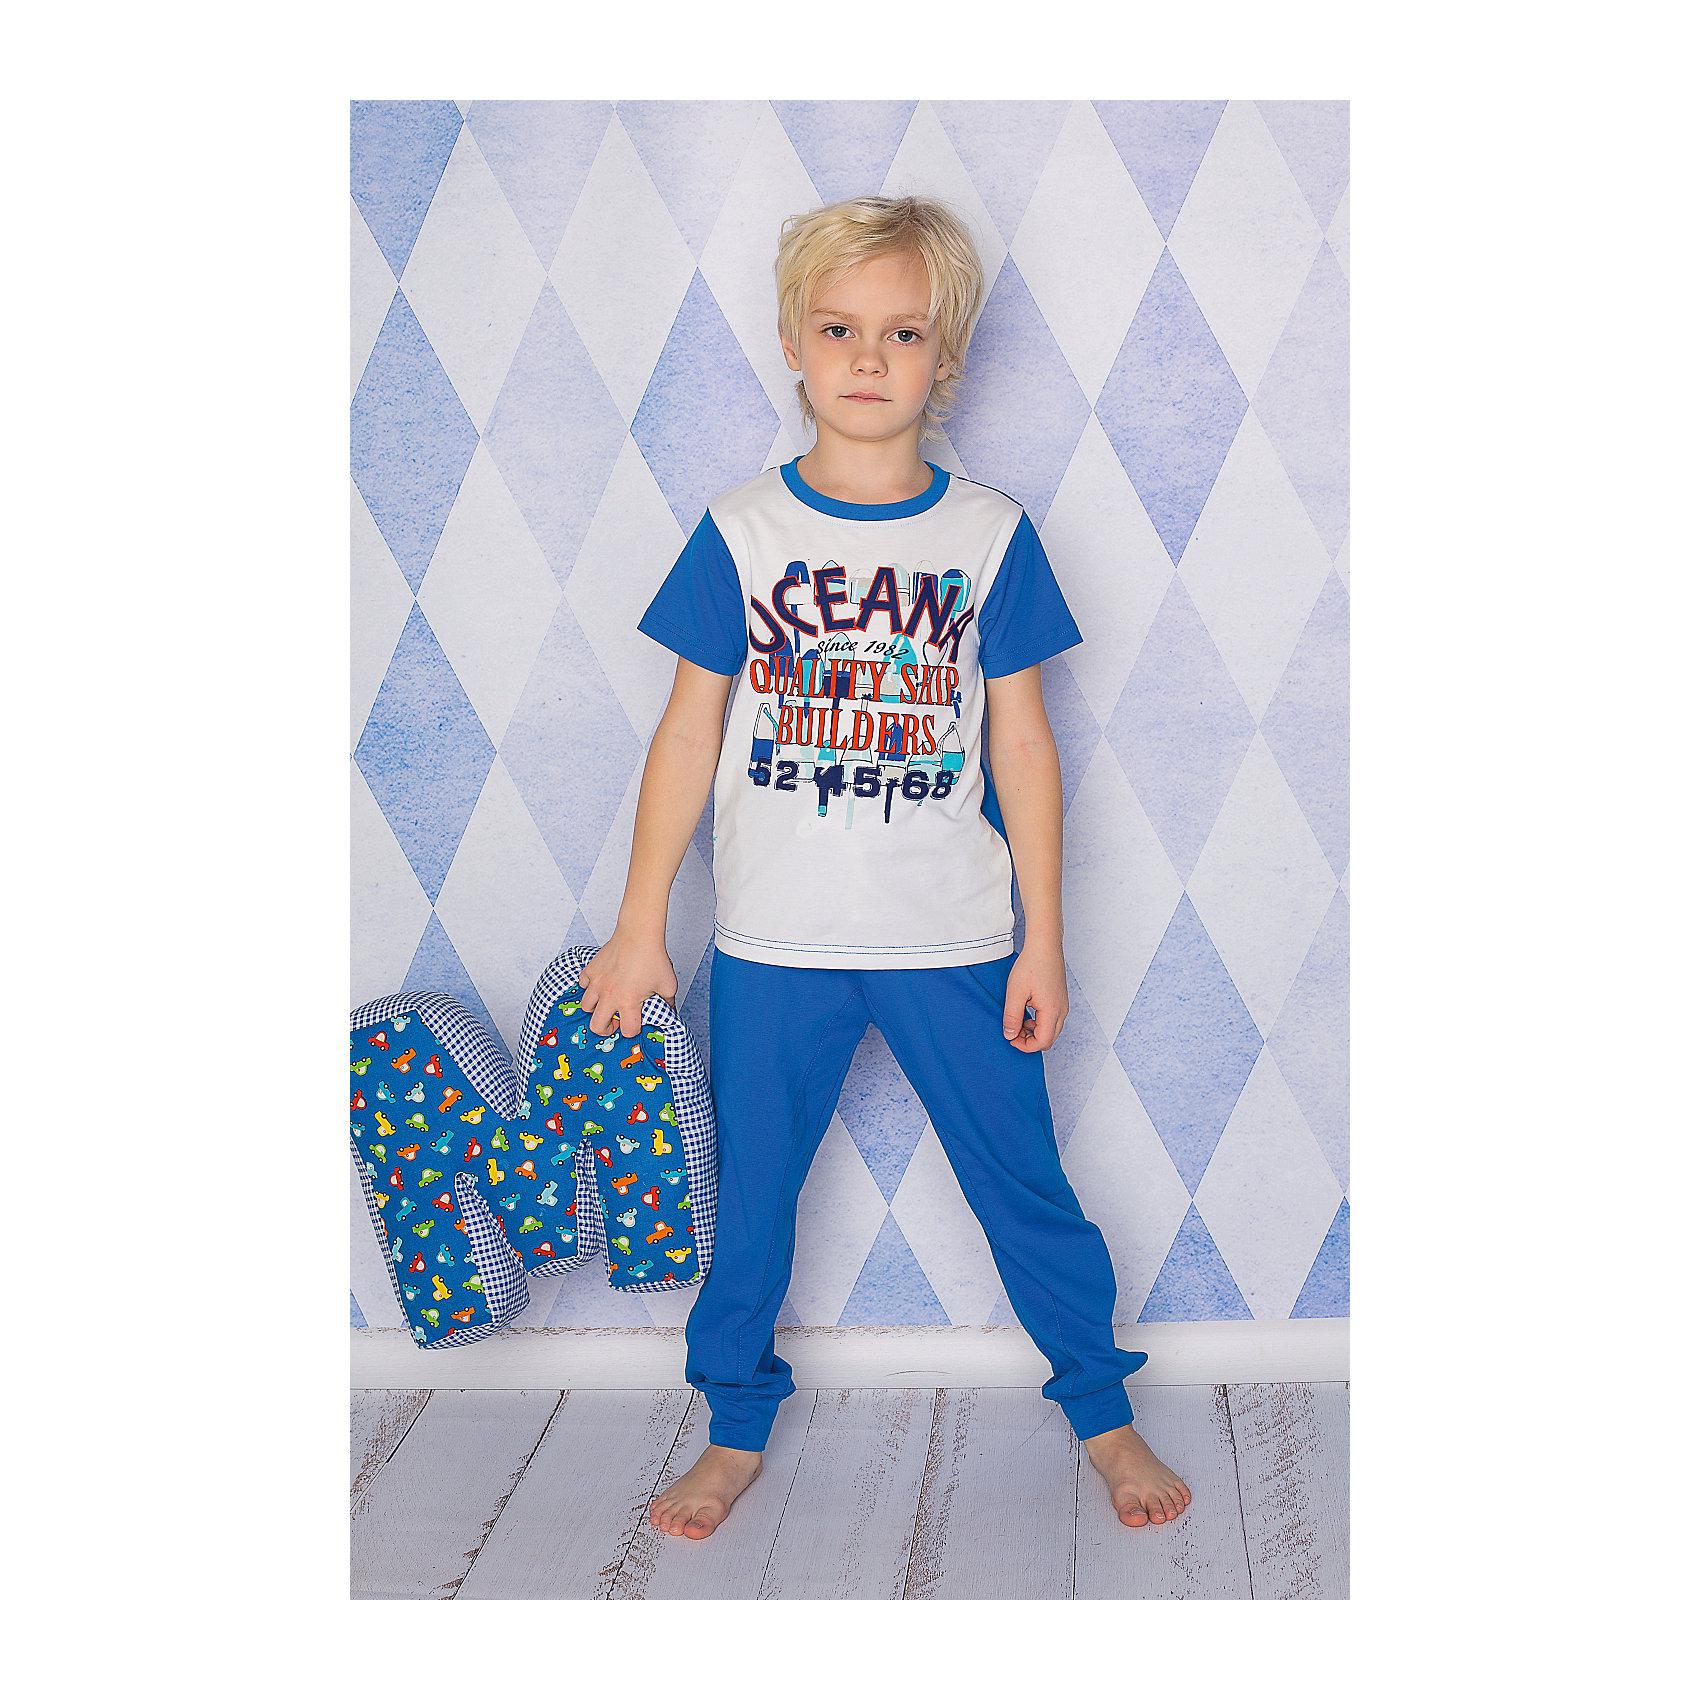 Комплект для мальчика: футболка, брюки Sweet BerryКомплект футболка и брюки из тонкого трикотажа для сна и дома. Брюки на поясе с внутренней резинкой и дополнительных хлопковым шнурком. Футболка украшена ярким принтом. Состав: 95% хлопок 5% эластан<br><br>Ширина мм: 281<br>Глубина мм: 70<br>Высота мм: 188<br>Вес г: 295<br>Цвет: белый/синий<br>Возраст от месяцев: 72<br>Возраст до месяцев: 84<br>Пол: Мужской<br>Возраст: Детский<br>Размер: 122,110,104,116,134,98,140,128<br>SKU: 4633046